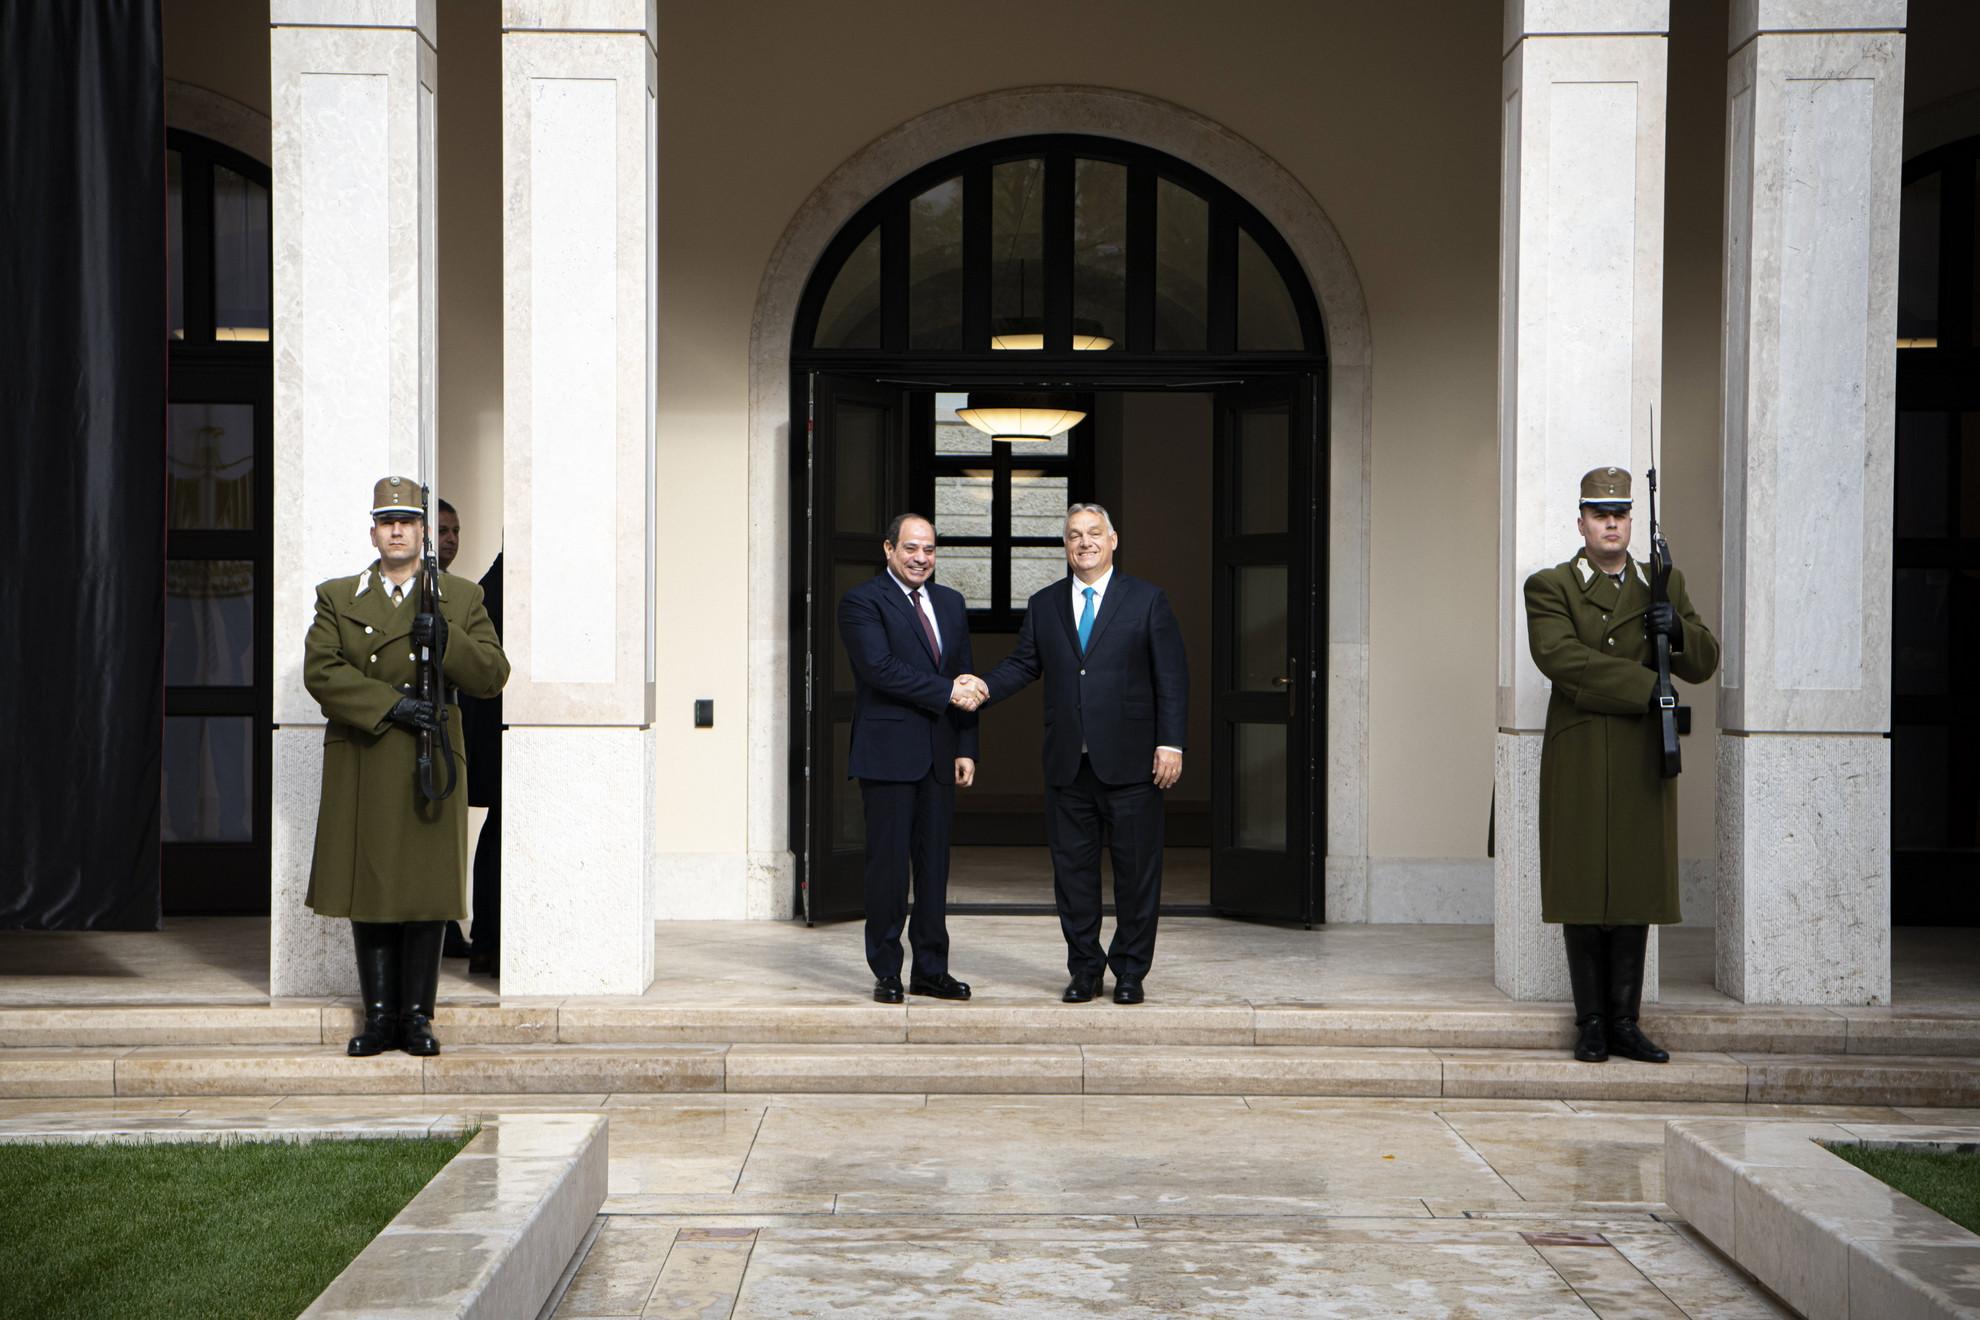 A Miniszterelnöki Sajtóiroda által közreadott képen Orbán Viktor kormányfő (j) fogadja Abdel-Fattáh esz-Szíszi egyiptomi elnököt a Karmelita kolostorban